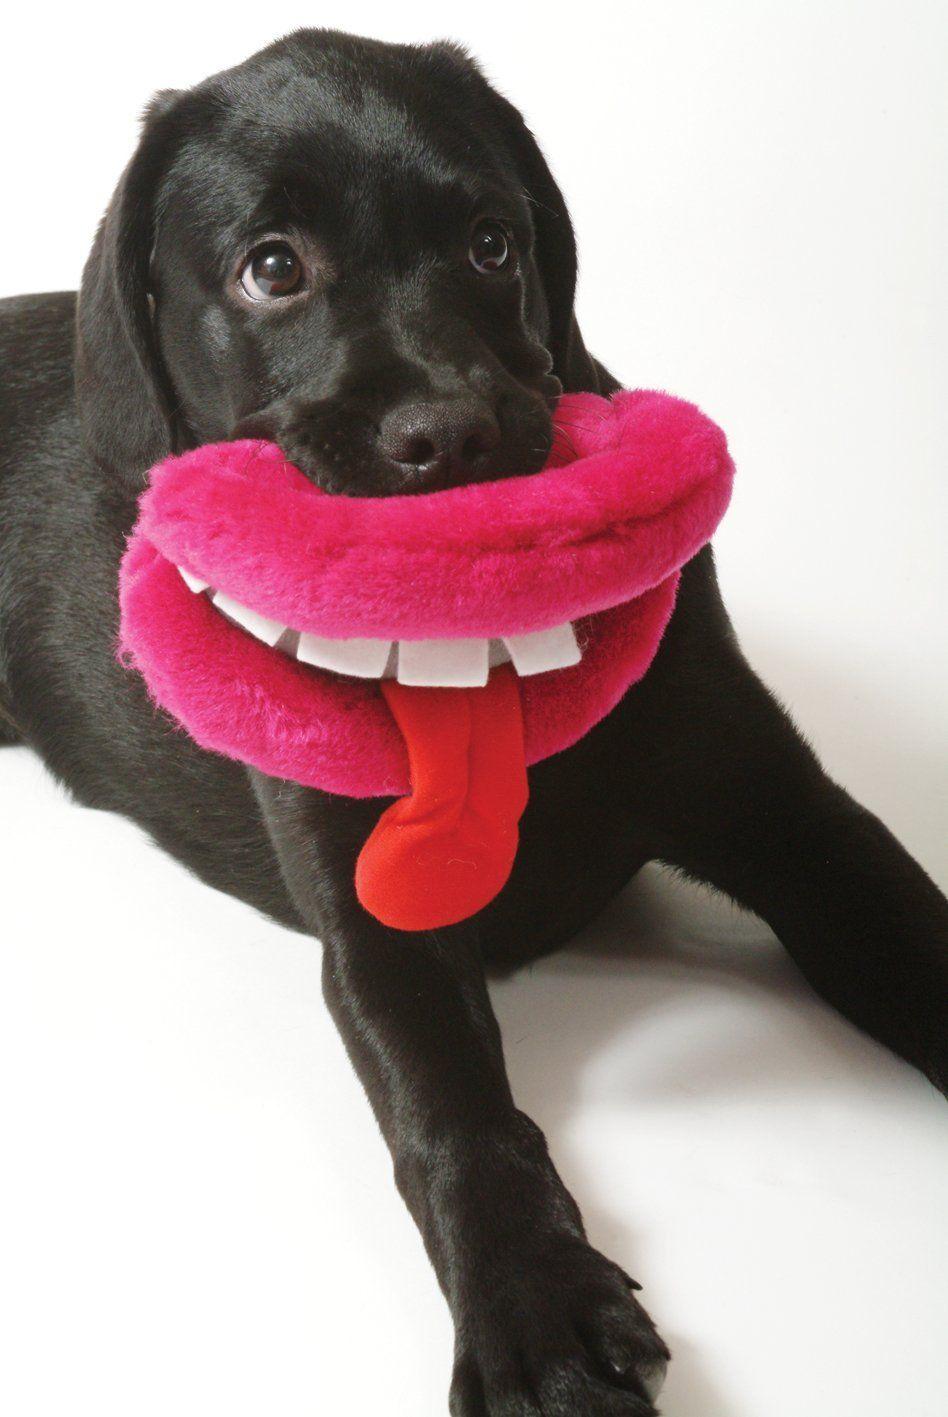 Kissy Mouth Dog Toy Plush Dog Toys Plush Dog Toys For Bored Dogs